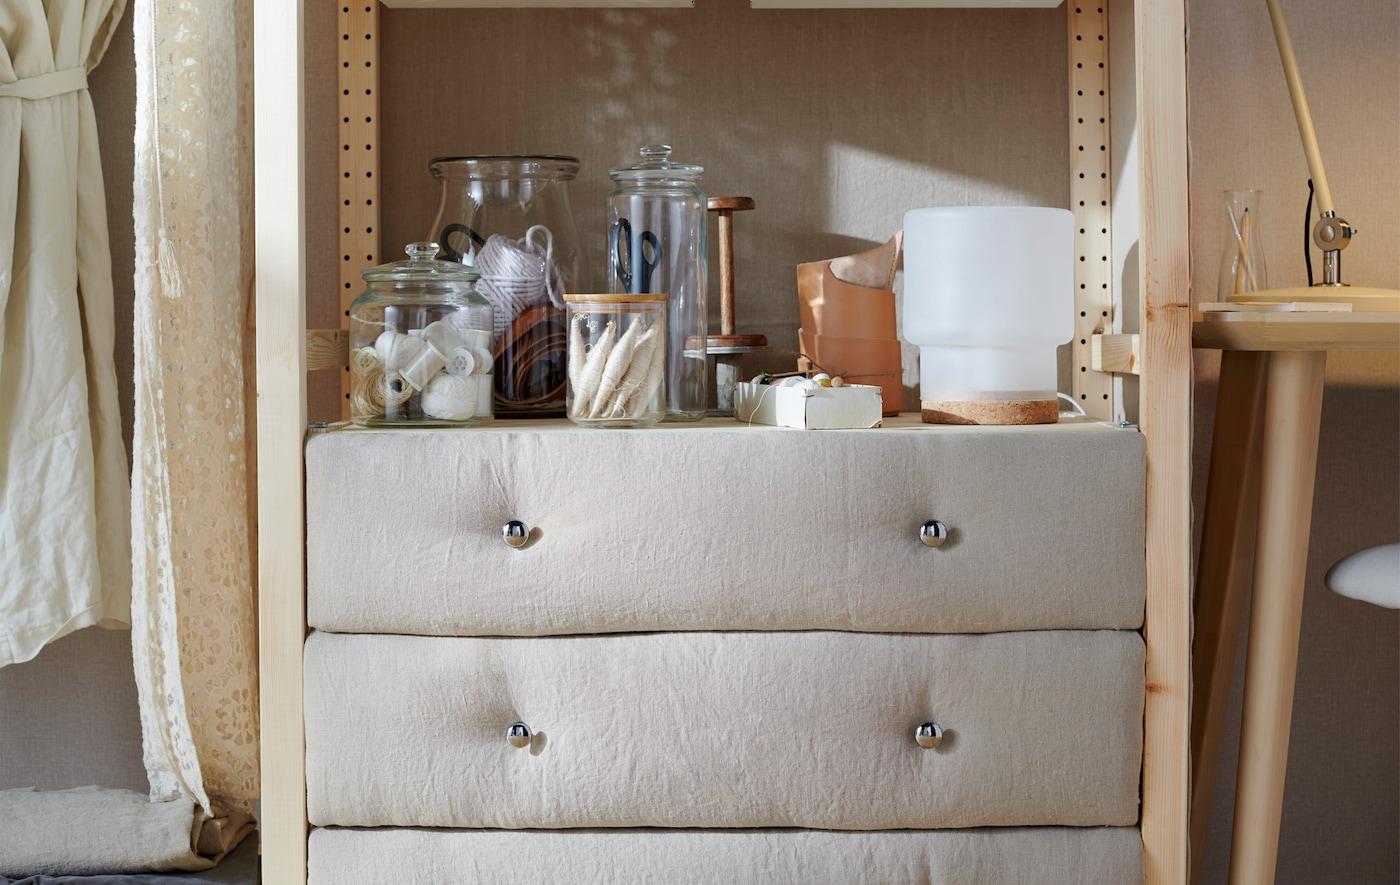 Una cómoda IKEA IVAR de tres cajones forrados con tejido en la parte frontal. Útiles de costura metidos en tarros decoran la parte superior.